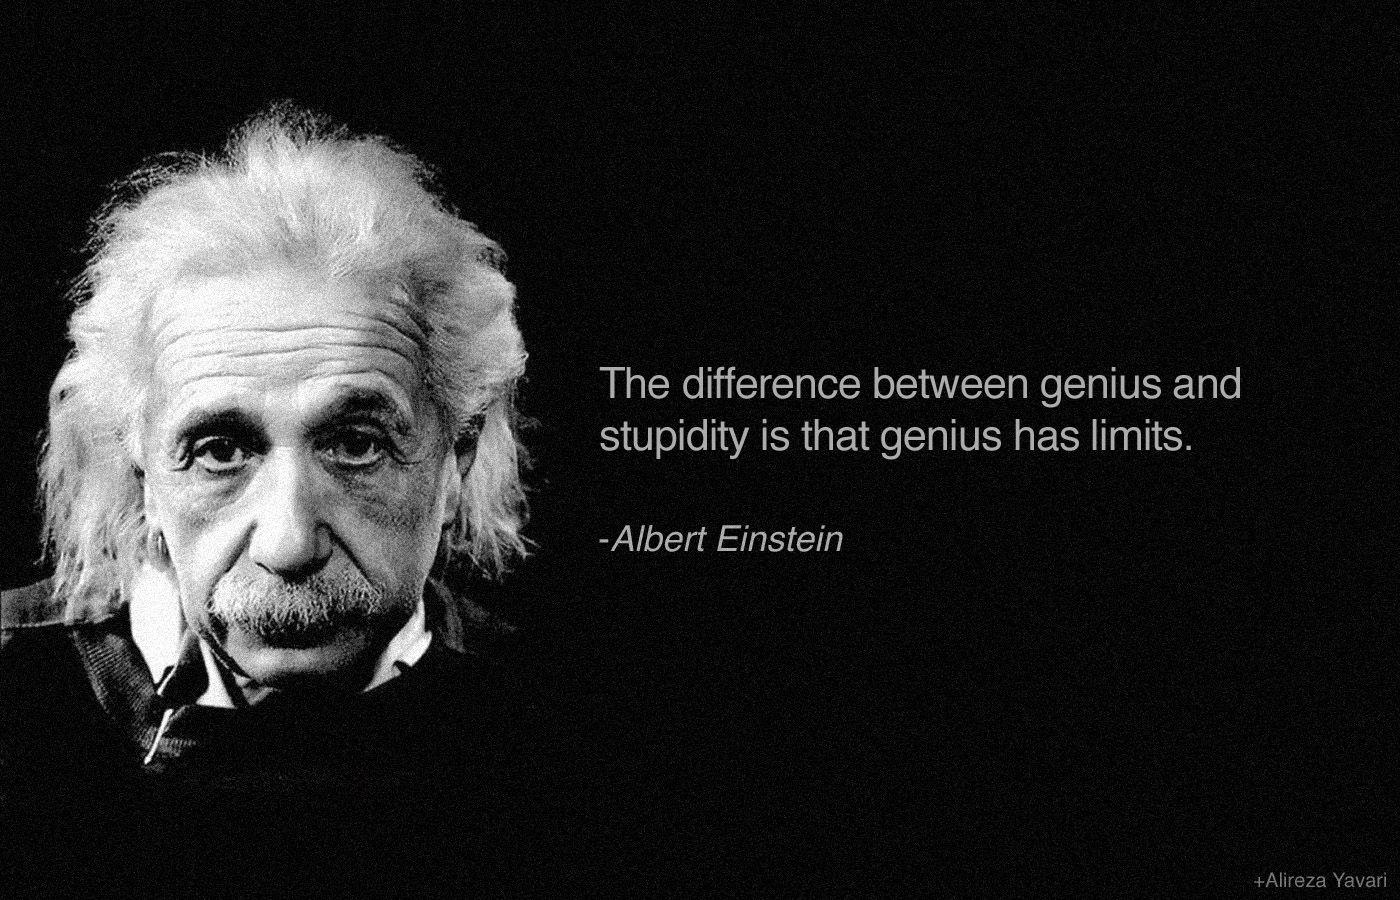 Wisdom Quotes By Famous People Albert Einstein Quotes Einstein